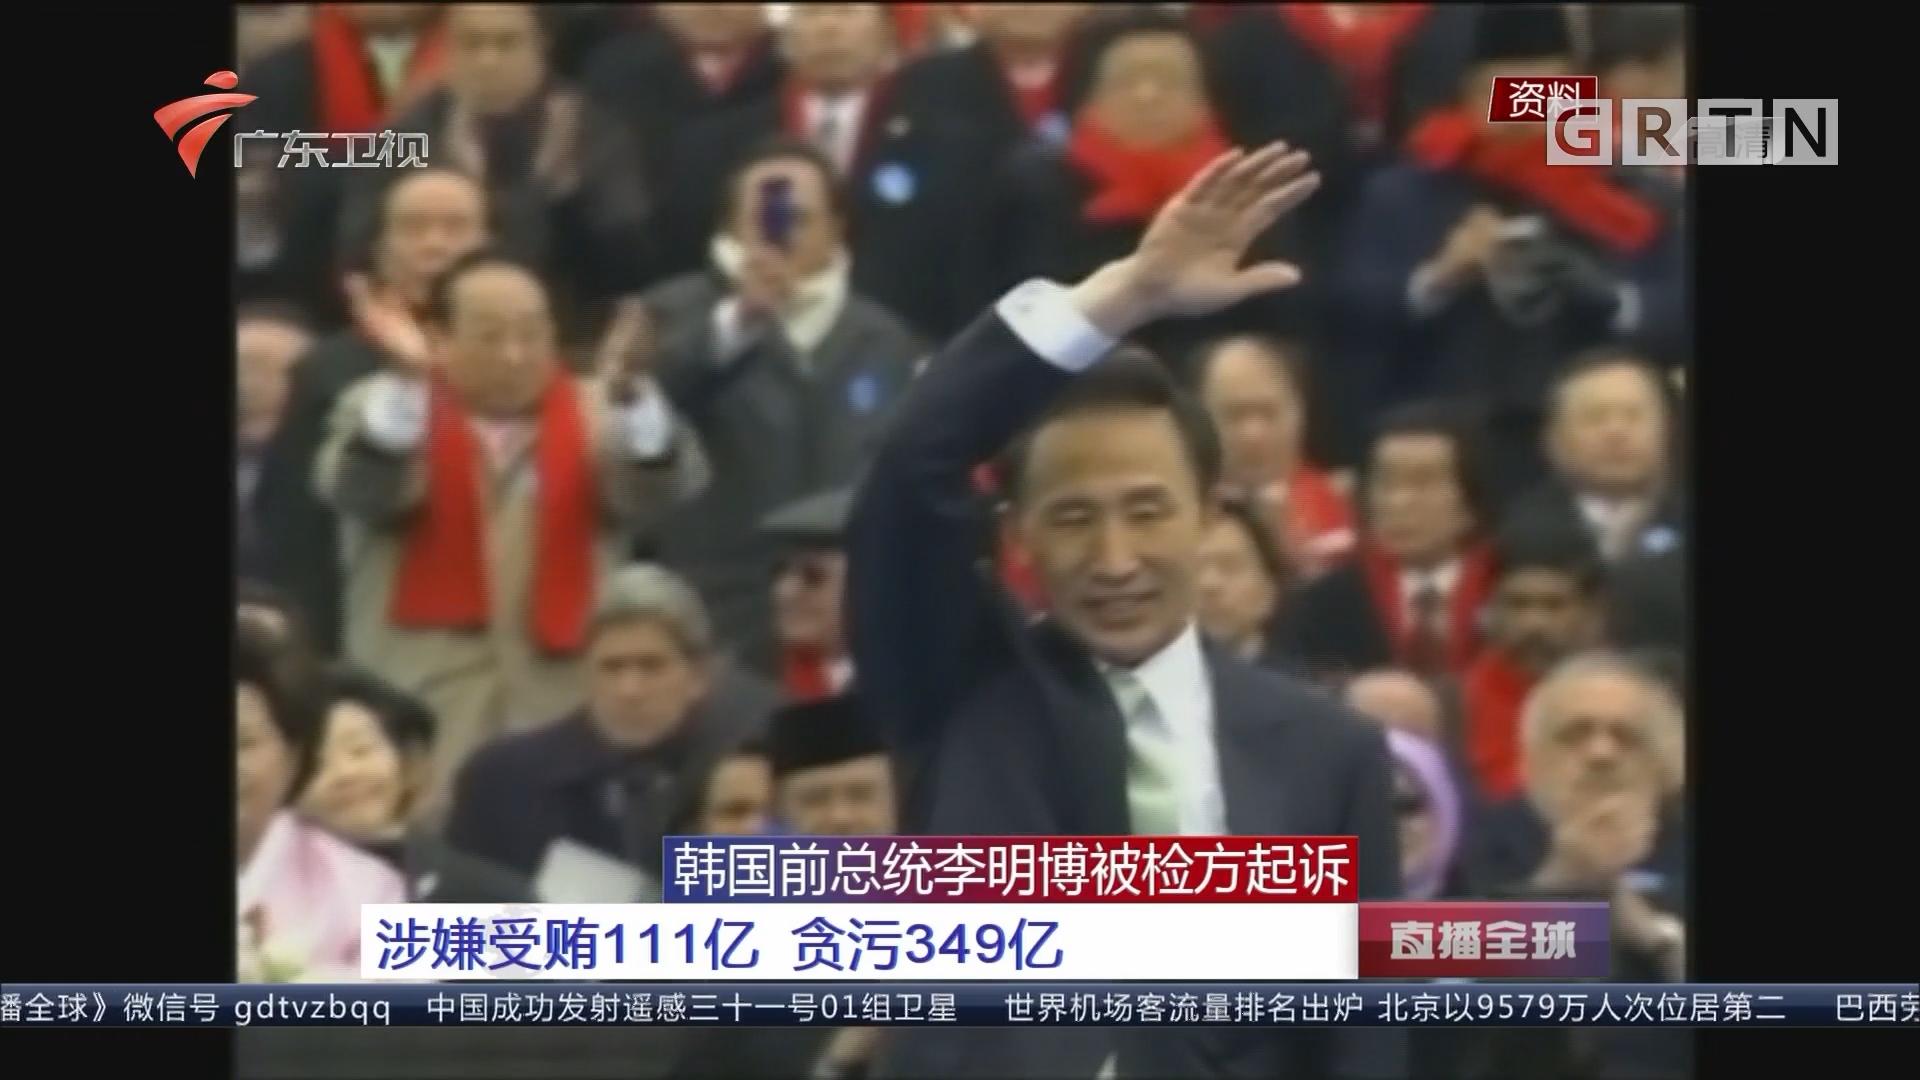 韩国前总统李明博被检方起诉:涉嫌受贿111亿 贪污349亿